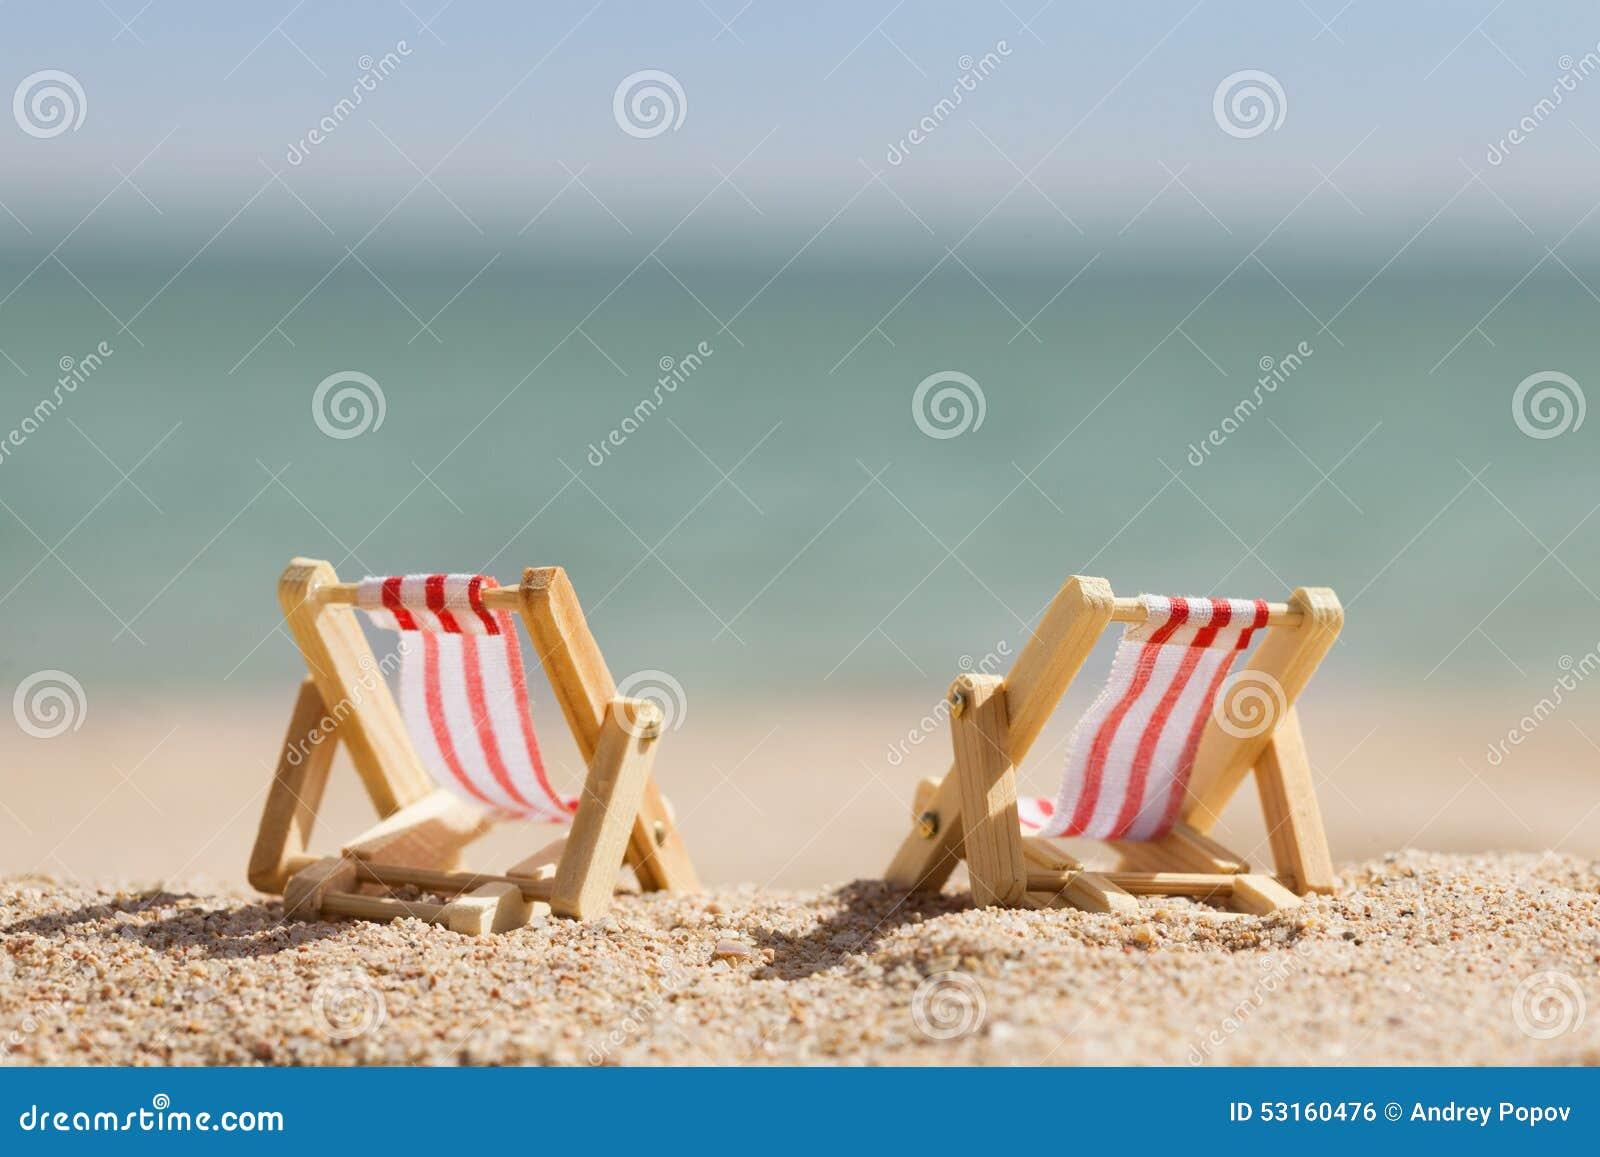 Sedie A Sdraio In Miniatura.Due Sedie A Sdraio Miniatura Fotografia Stock Immagine Di Calma